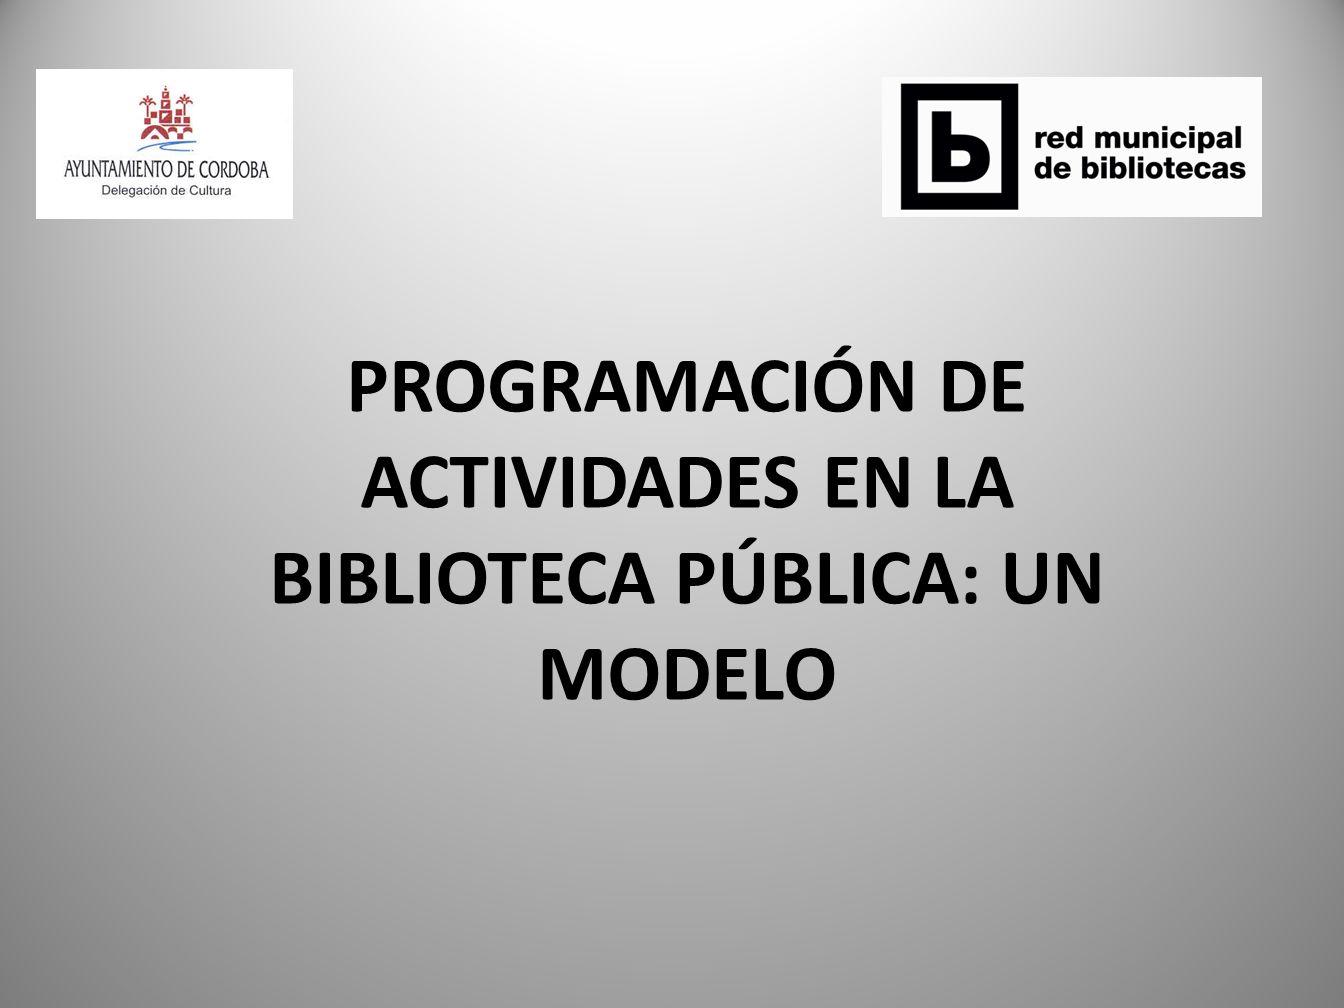 PROGRAMACIÓN DE ACTIVIDADES EN LA BIBLIOTECA PÚBLICA: UN MODELO